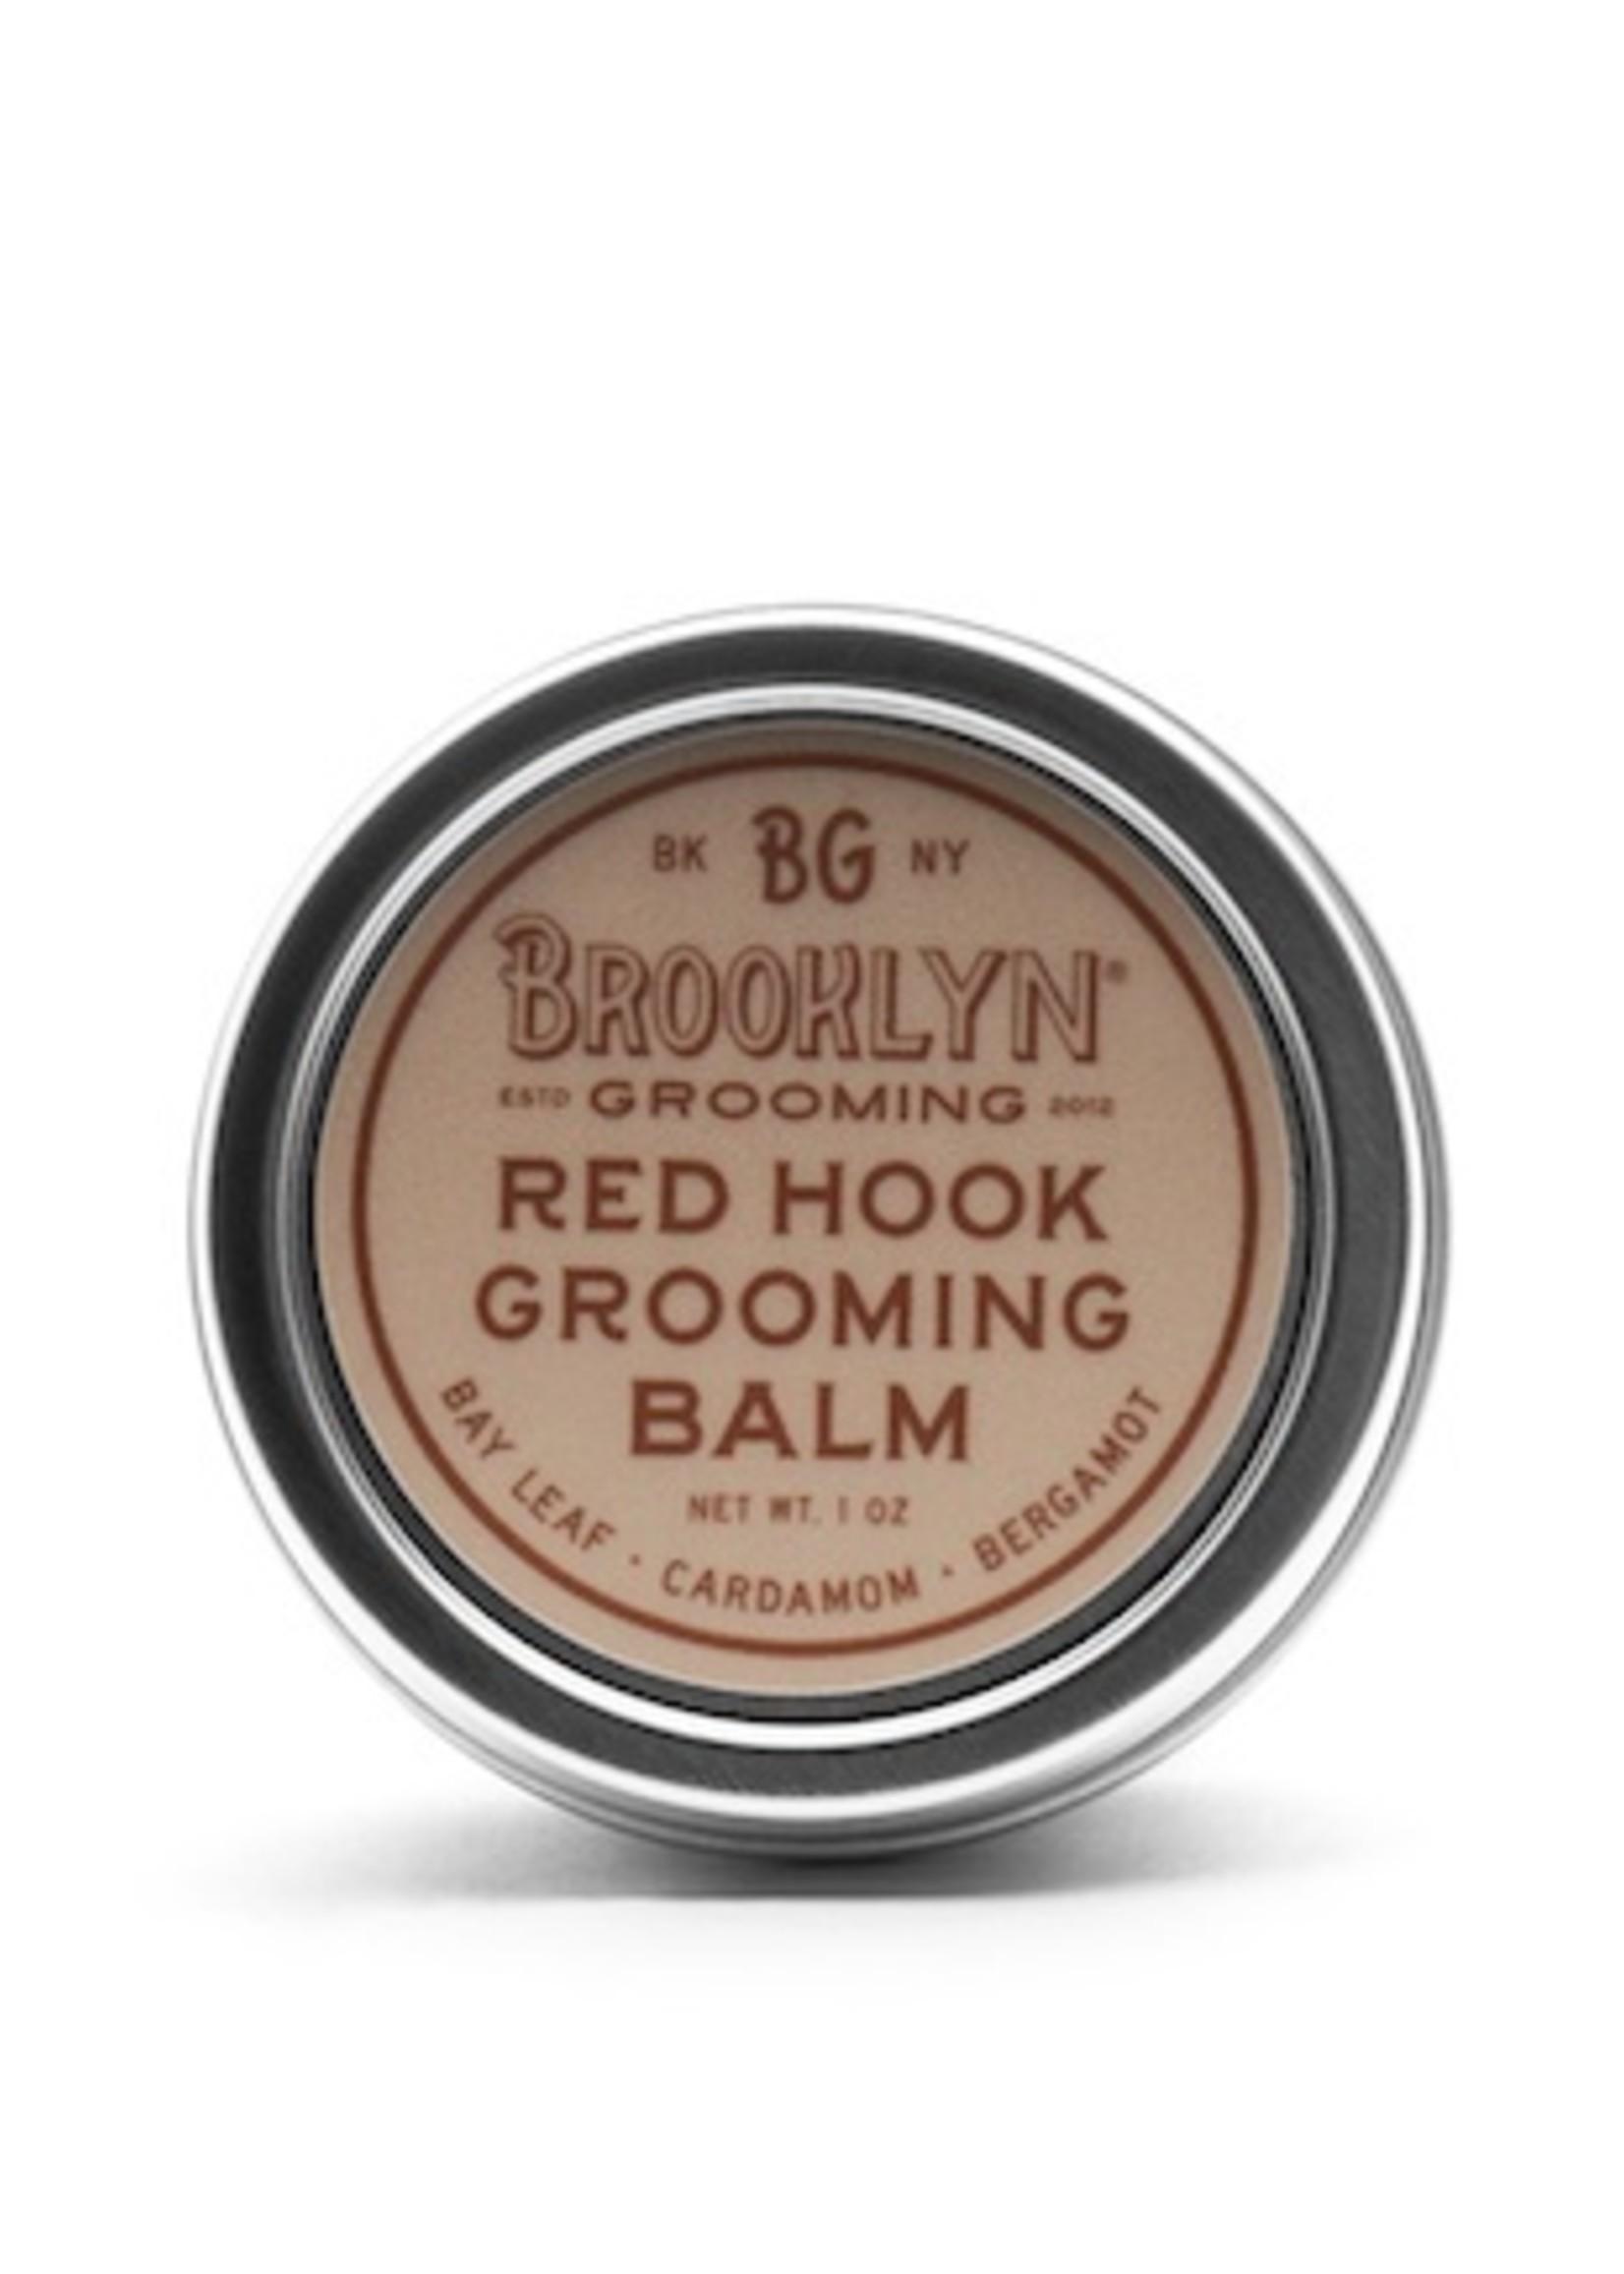 Brooklyn Grooming Red Hook Grooming Balm